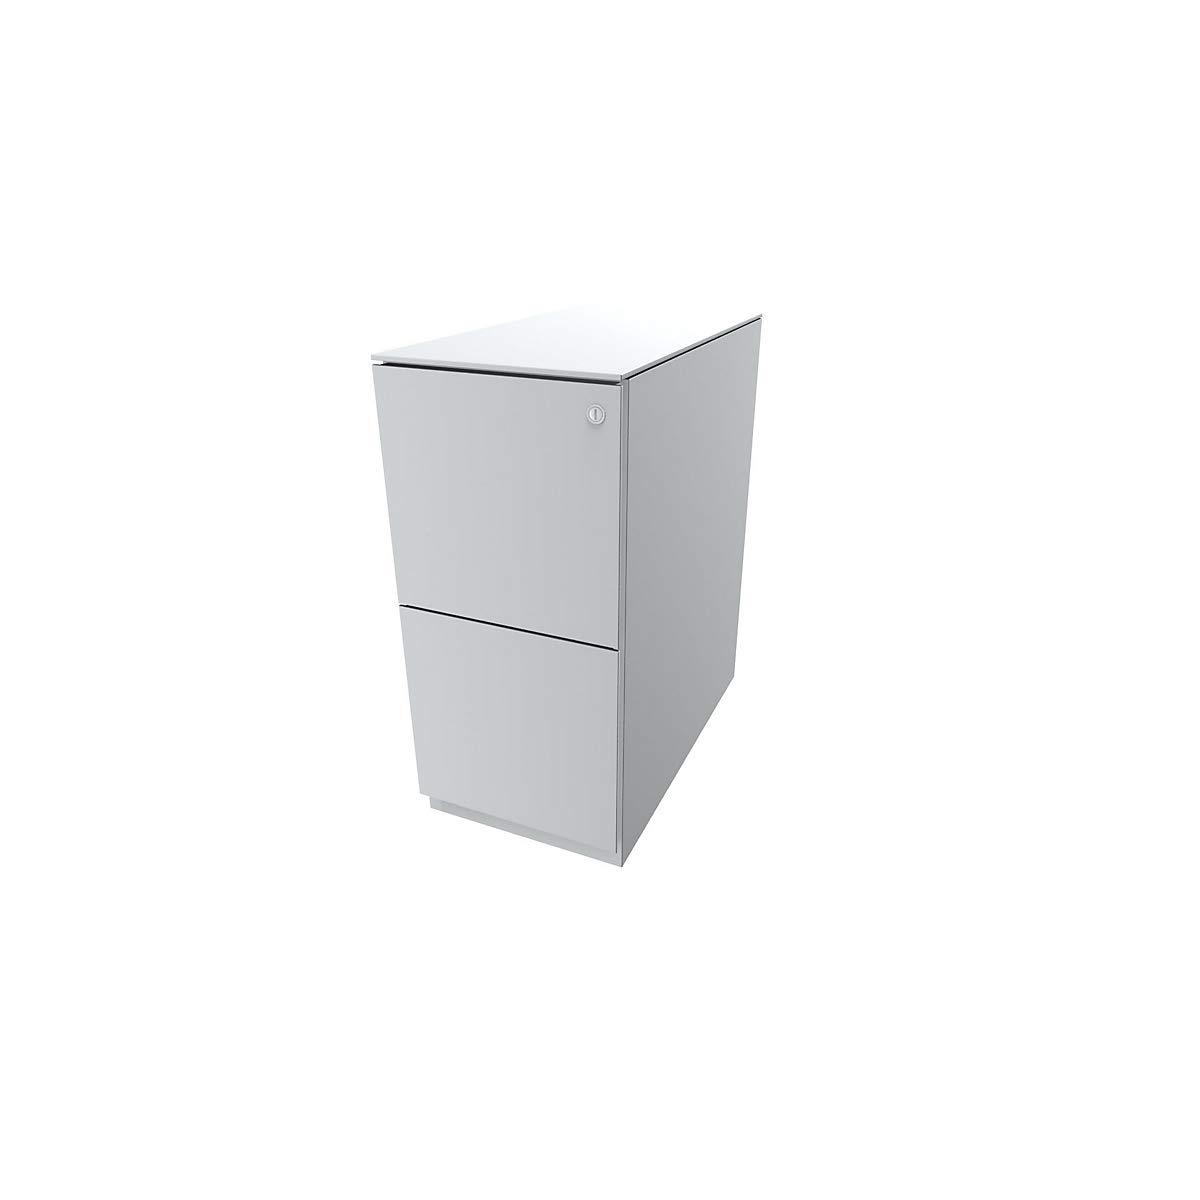 BISLEY Roll Container notetm - 7 mm Top, 2 cajones, HR de ...